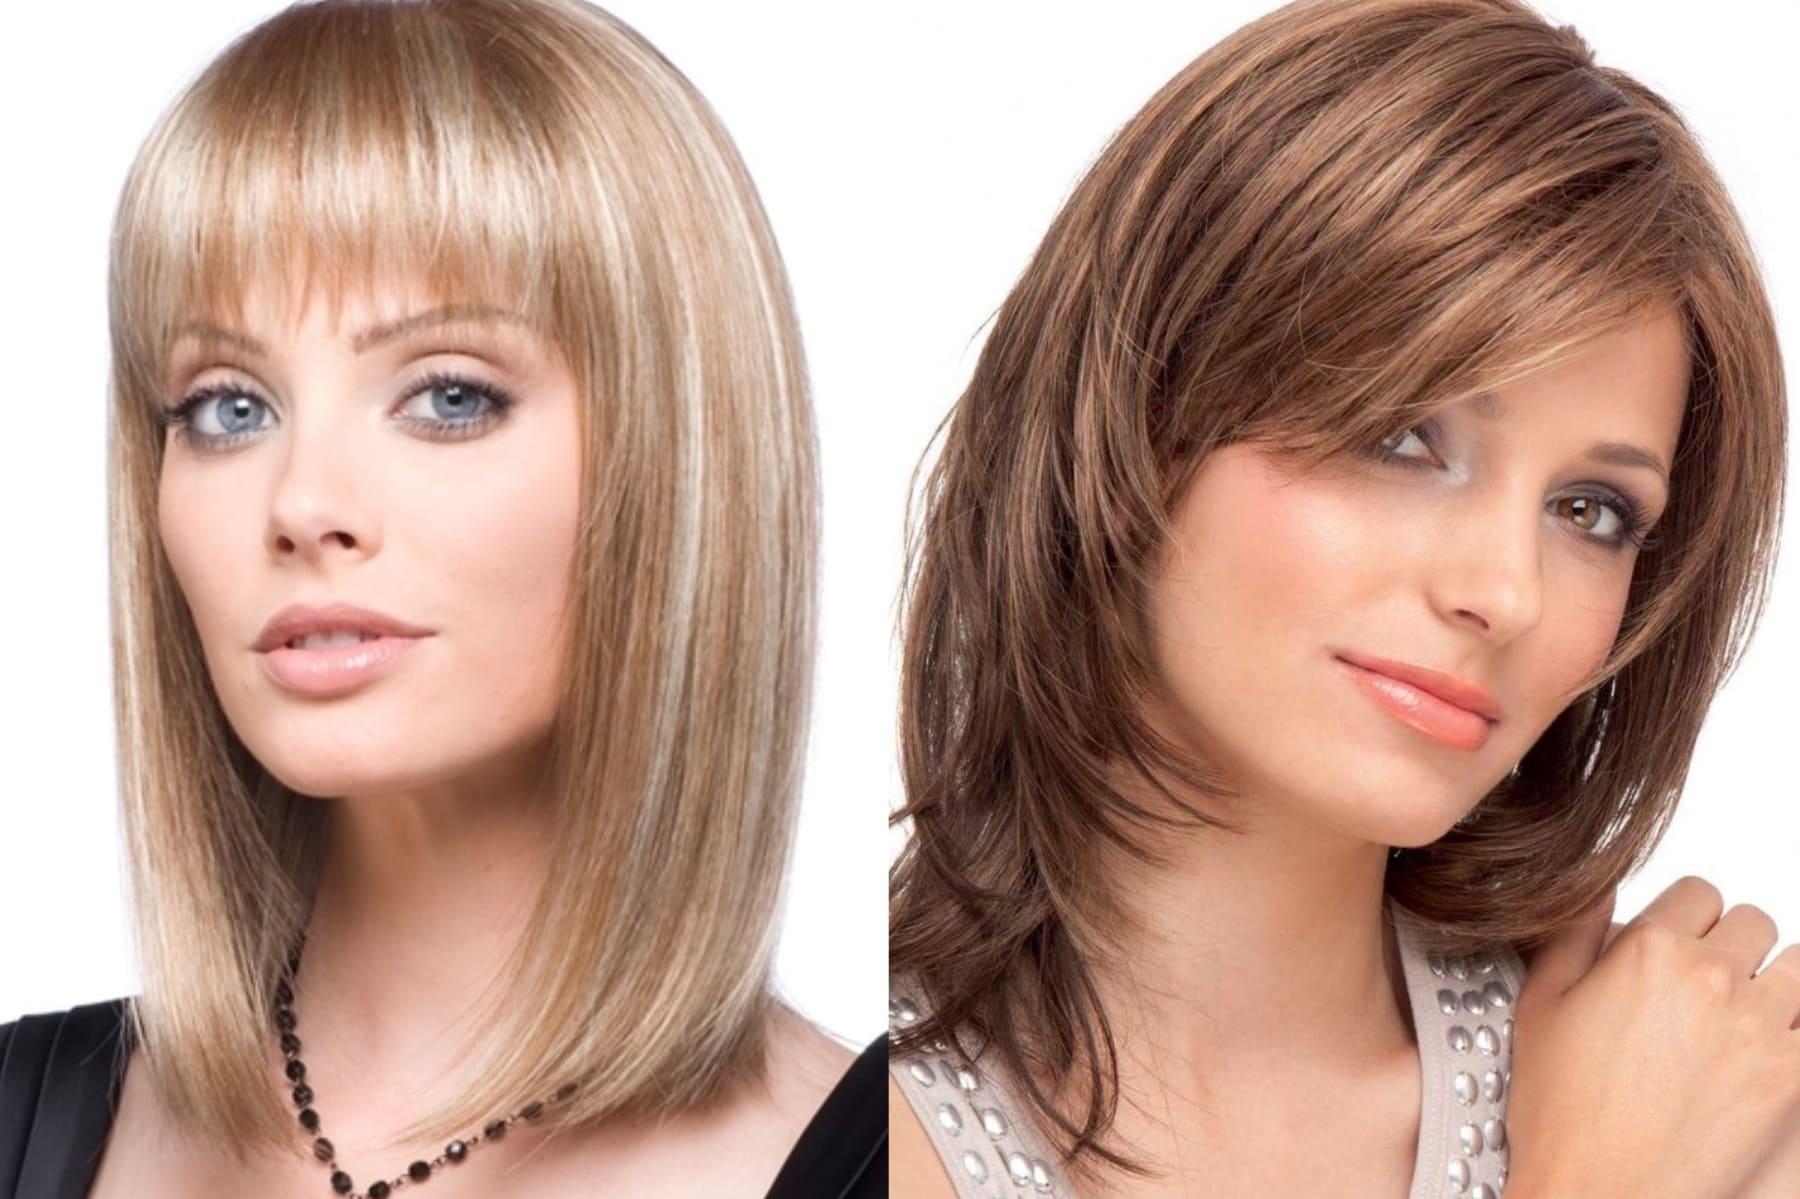 убрать стрижки с челками на средние волосы фото голубизна вызывает ассоциации